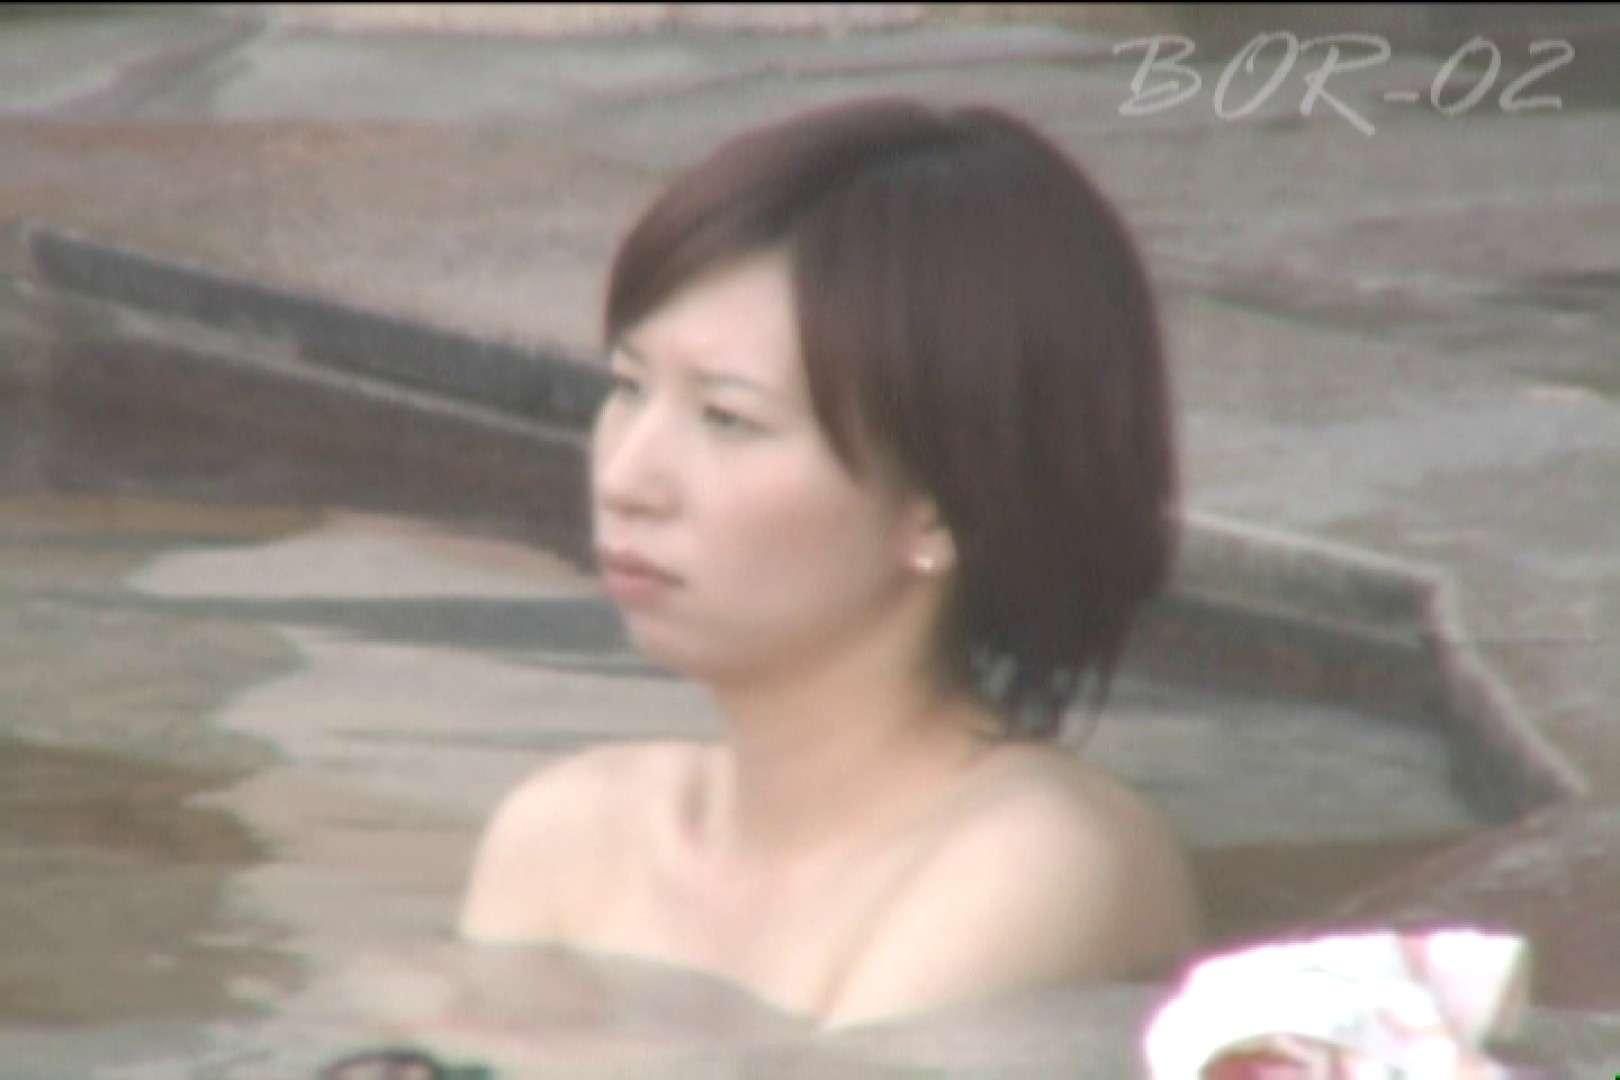 Aquaな露天風呂Vol.475 盗撮 セックス画像 96画像 20